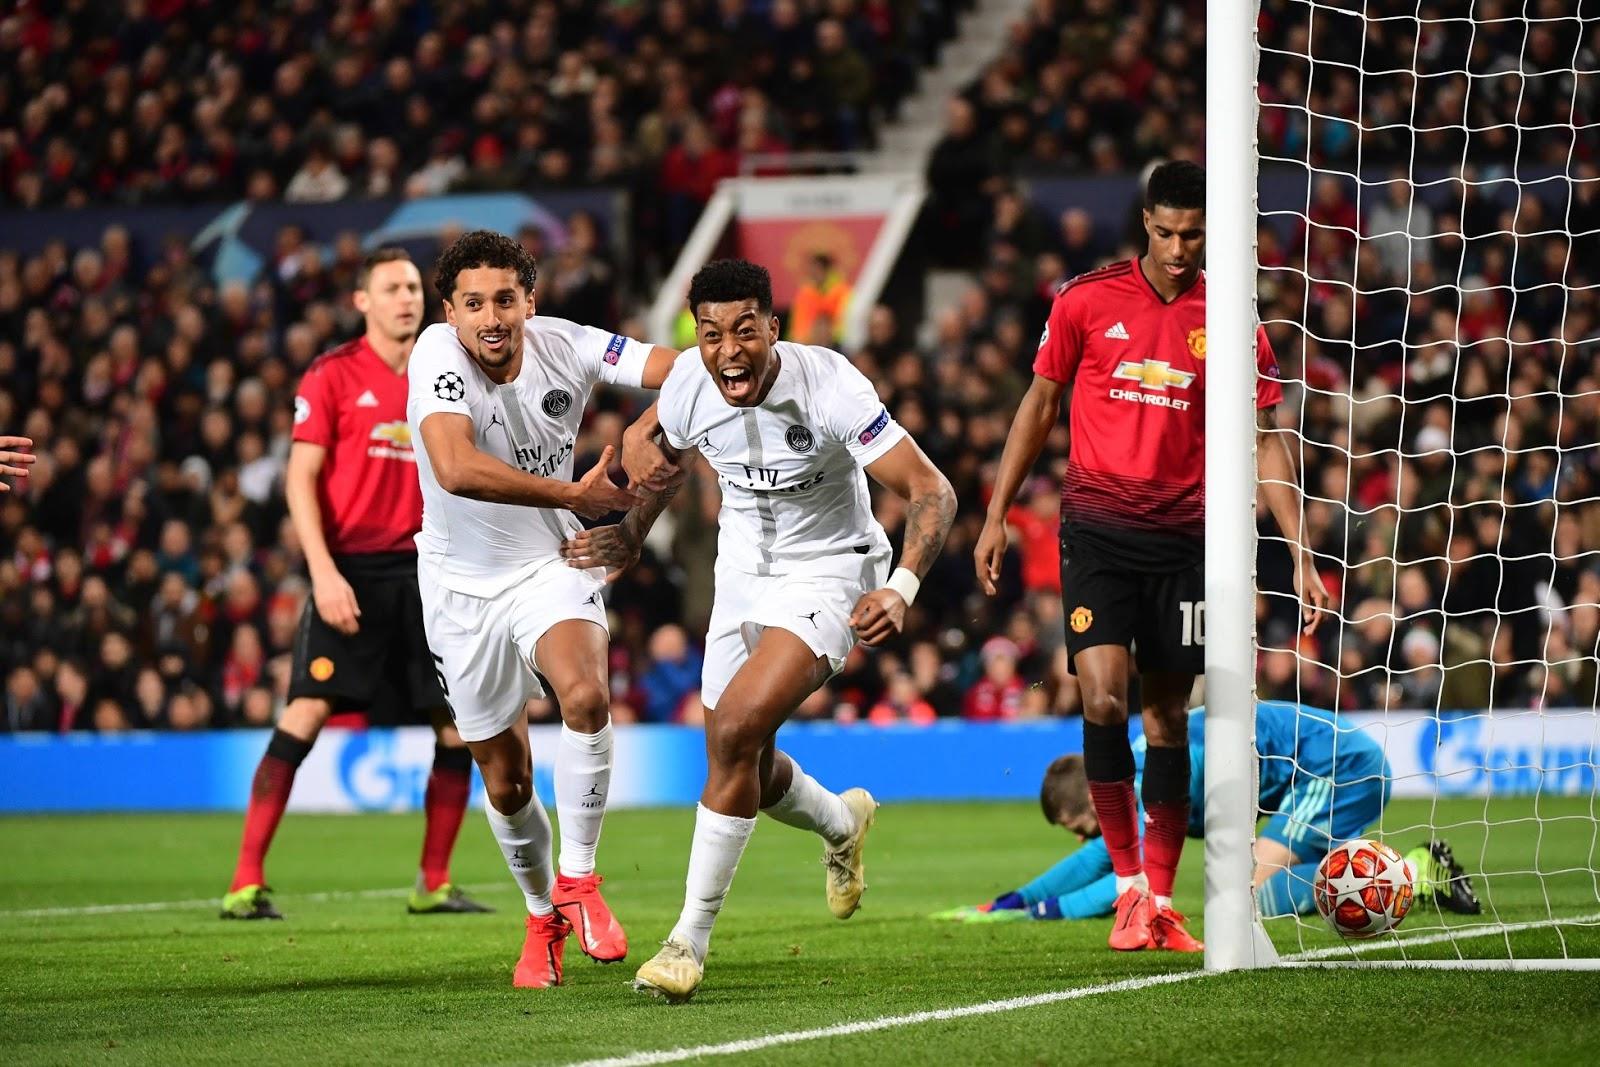 عصبة الأبطال/باريس سان جرمان أول فريق فرنسي يُطيح بمانشستر يونايتد و روما يهزم بورتو